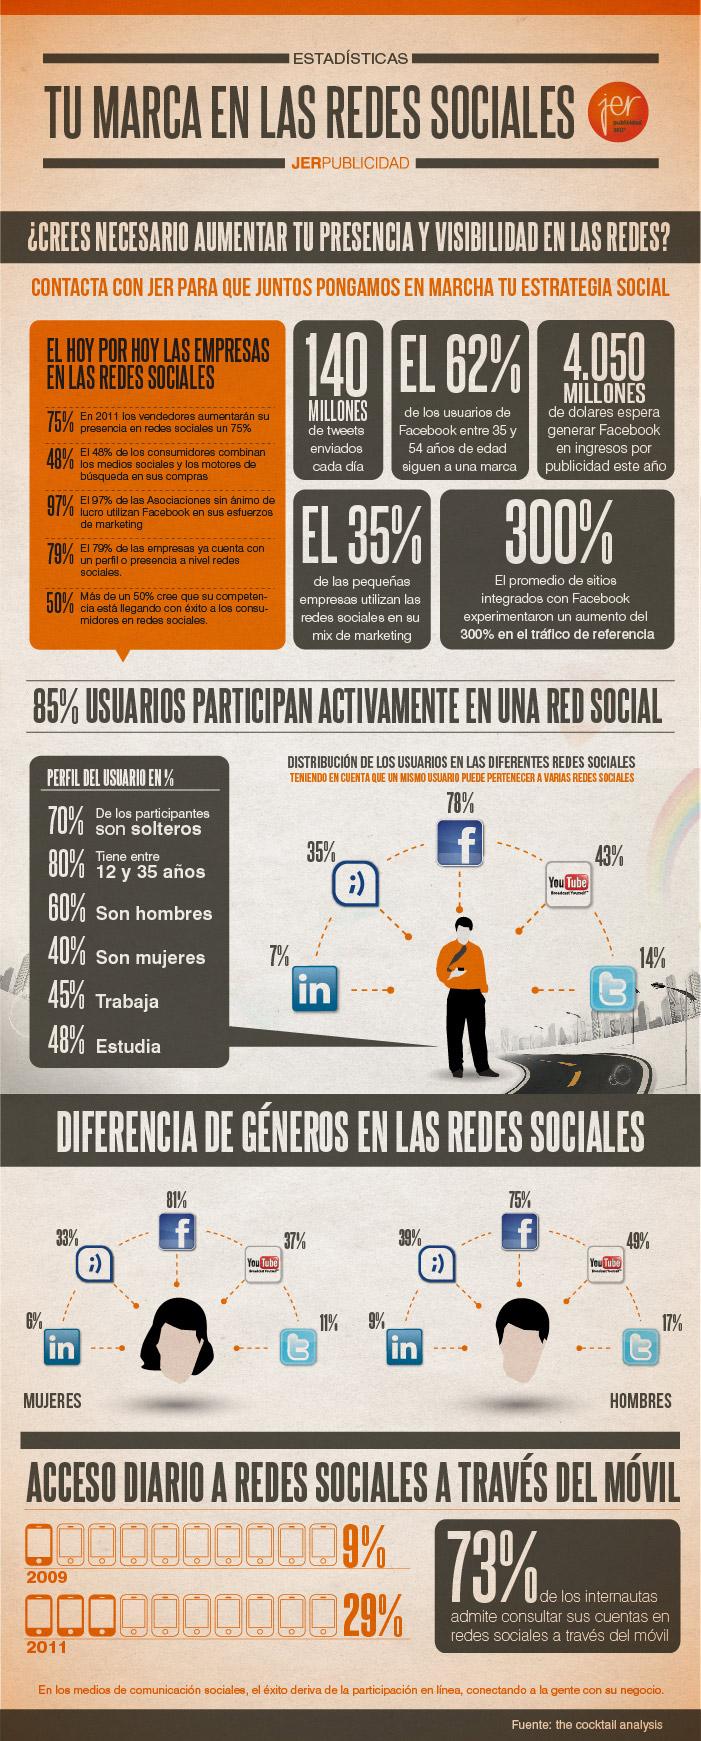 Tu marca en las redes sociales